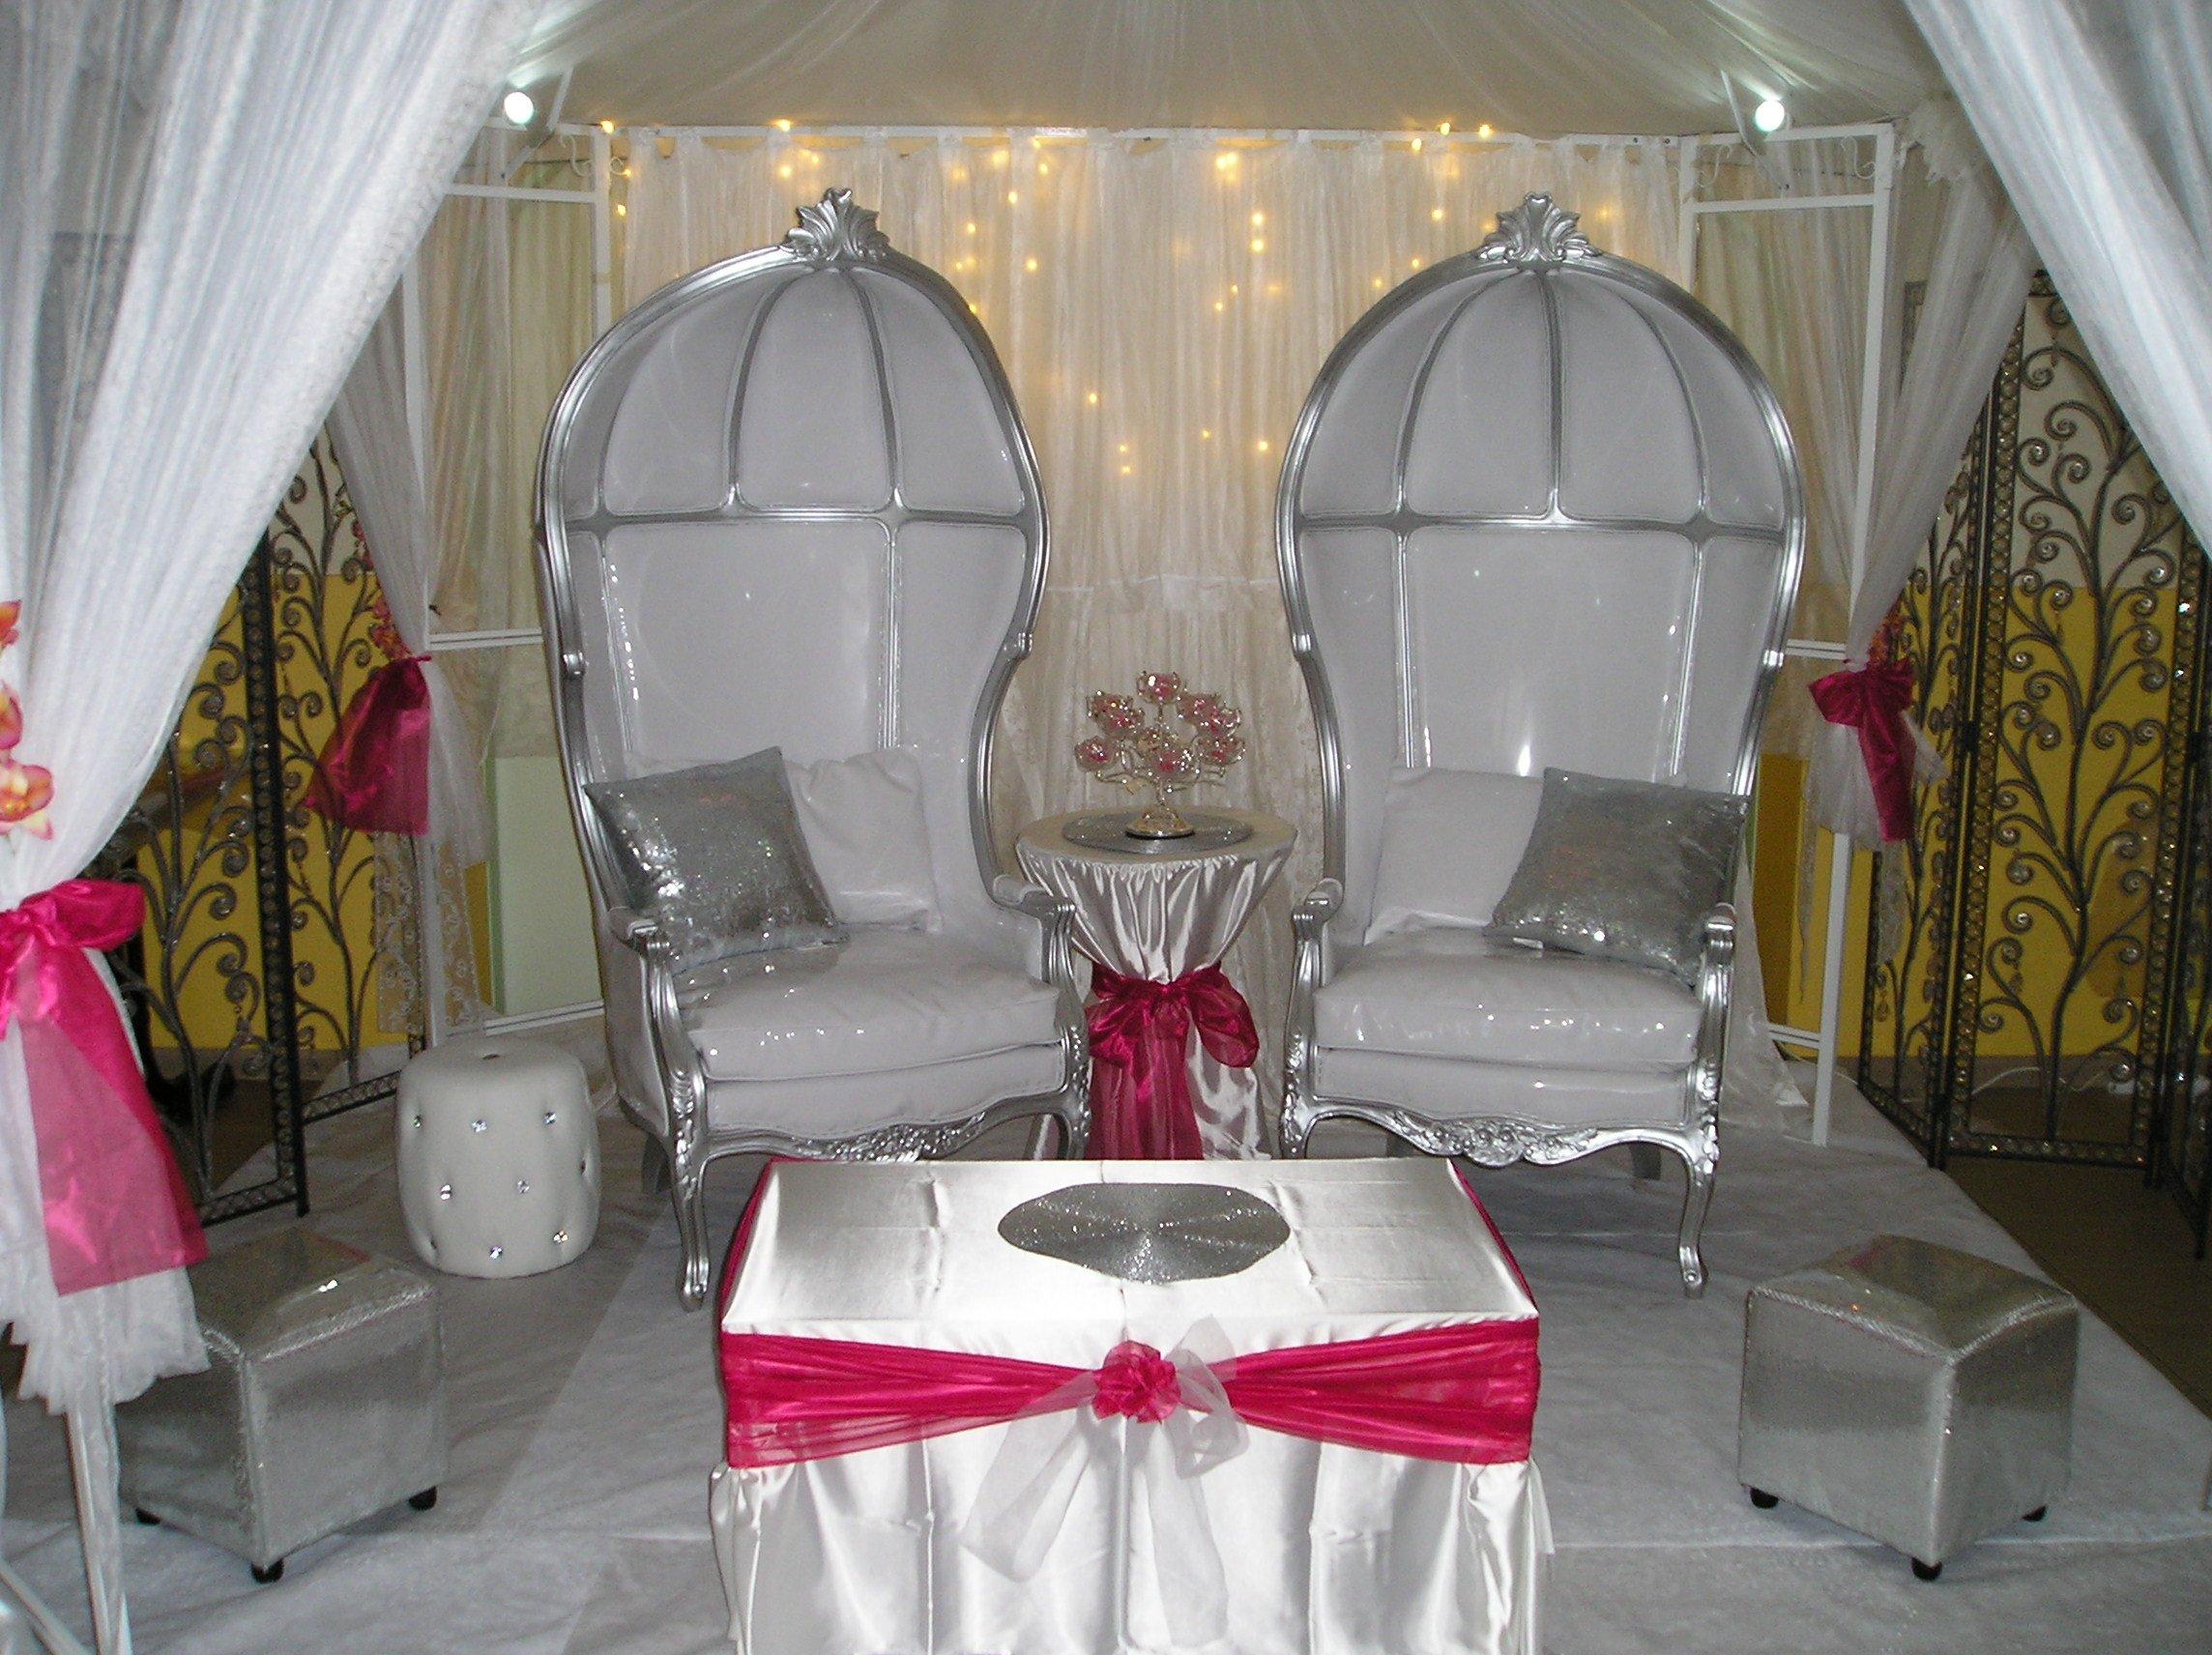 Location de tr ne pour mariage saint etienne et sa region - Mousse pour fauteuil pas cher ...